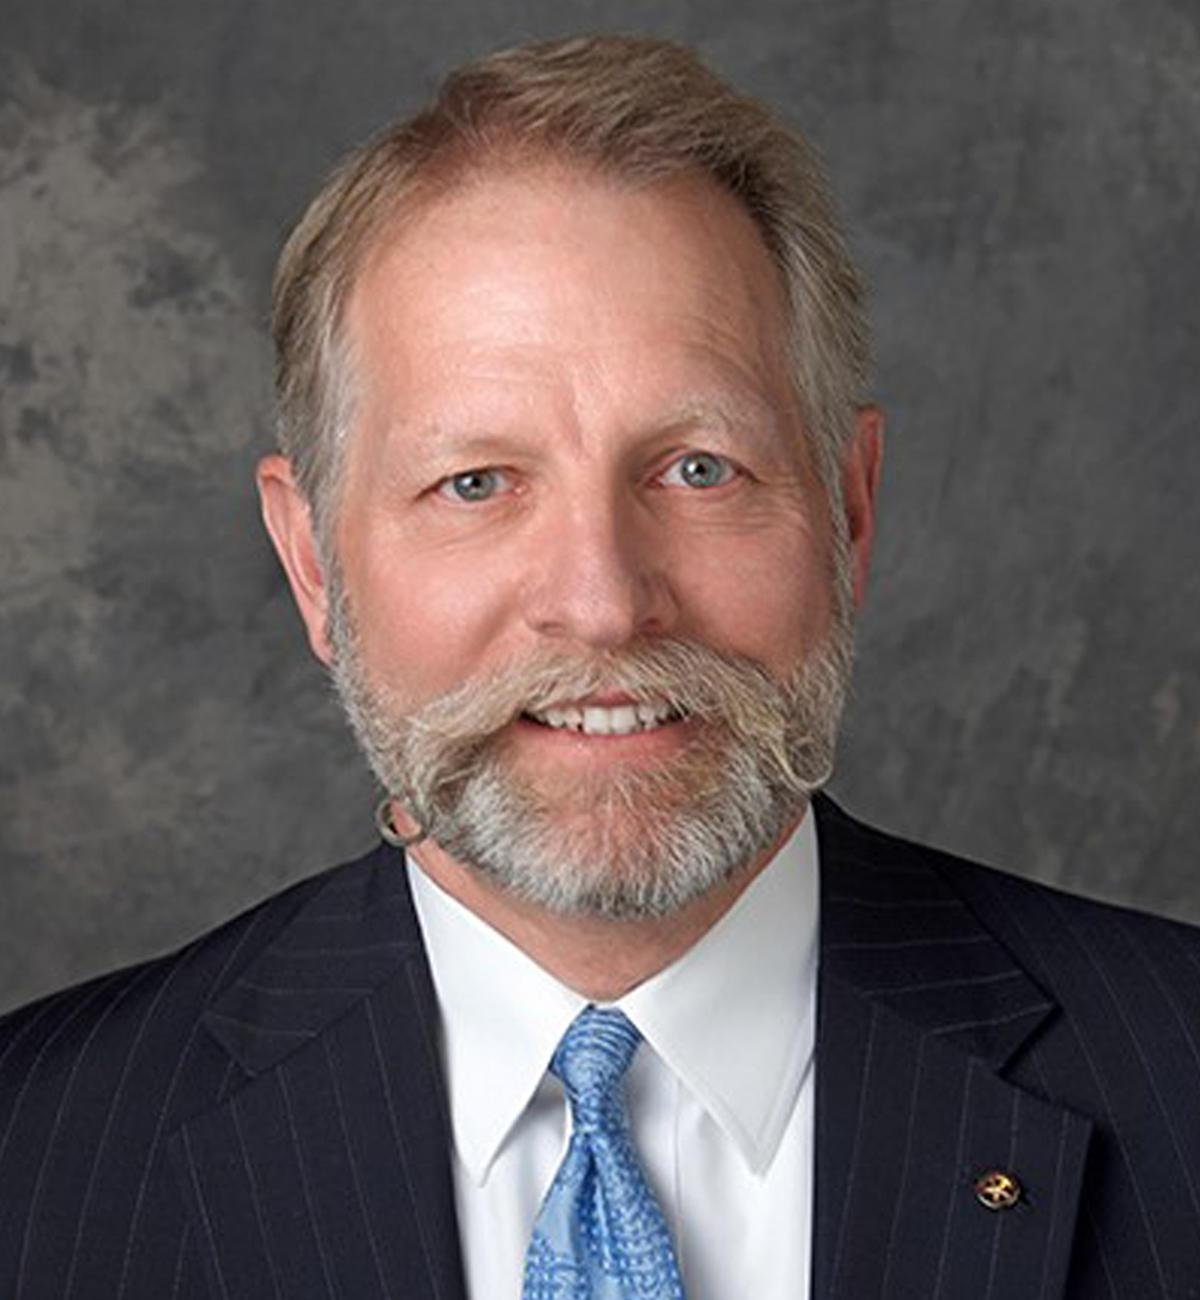 Gary Hinders